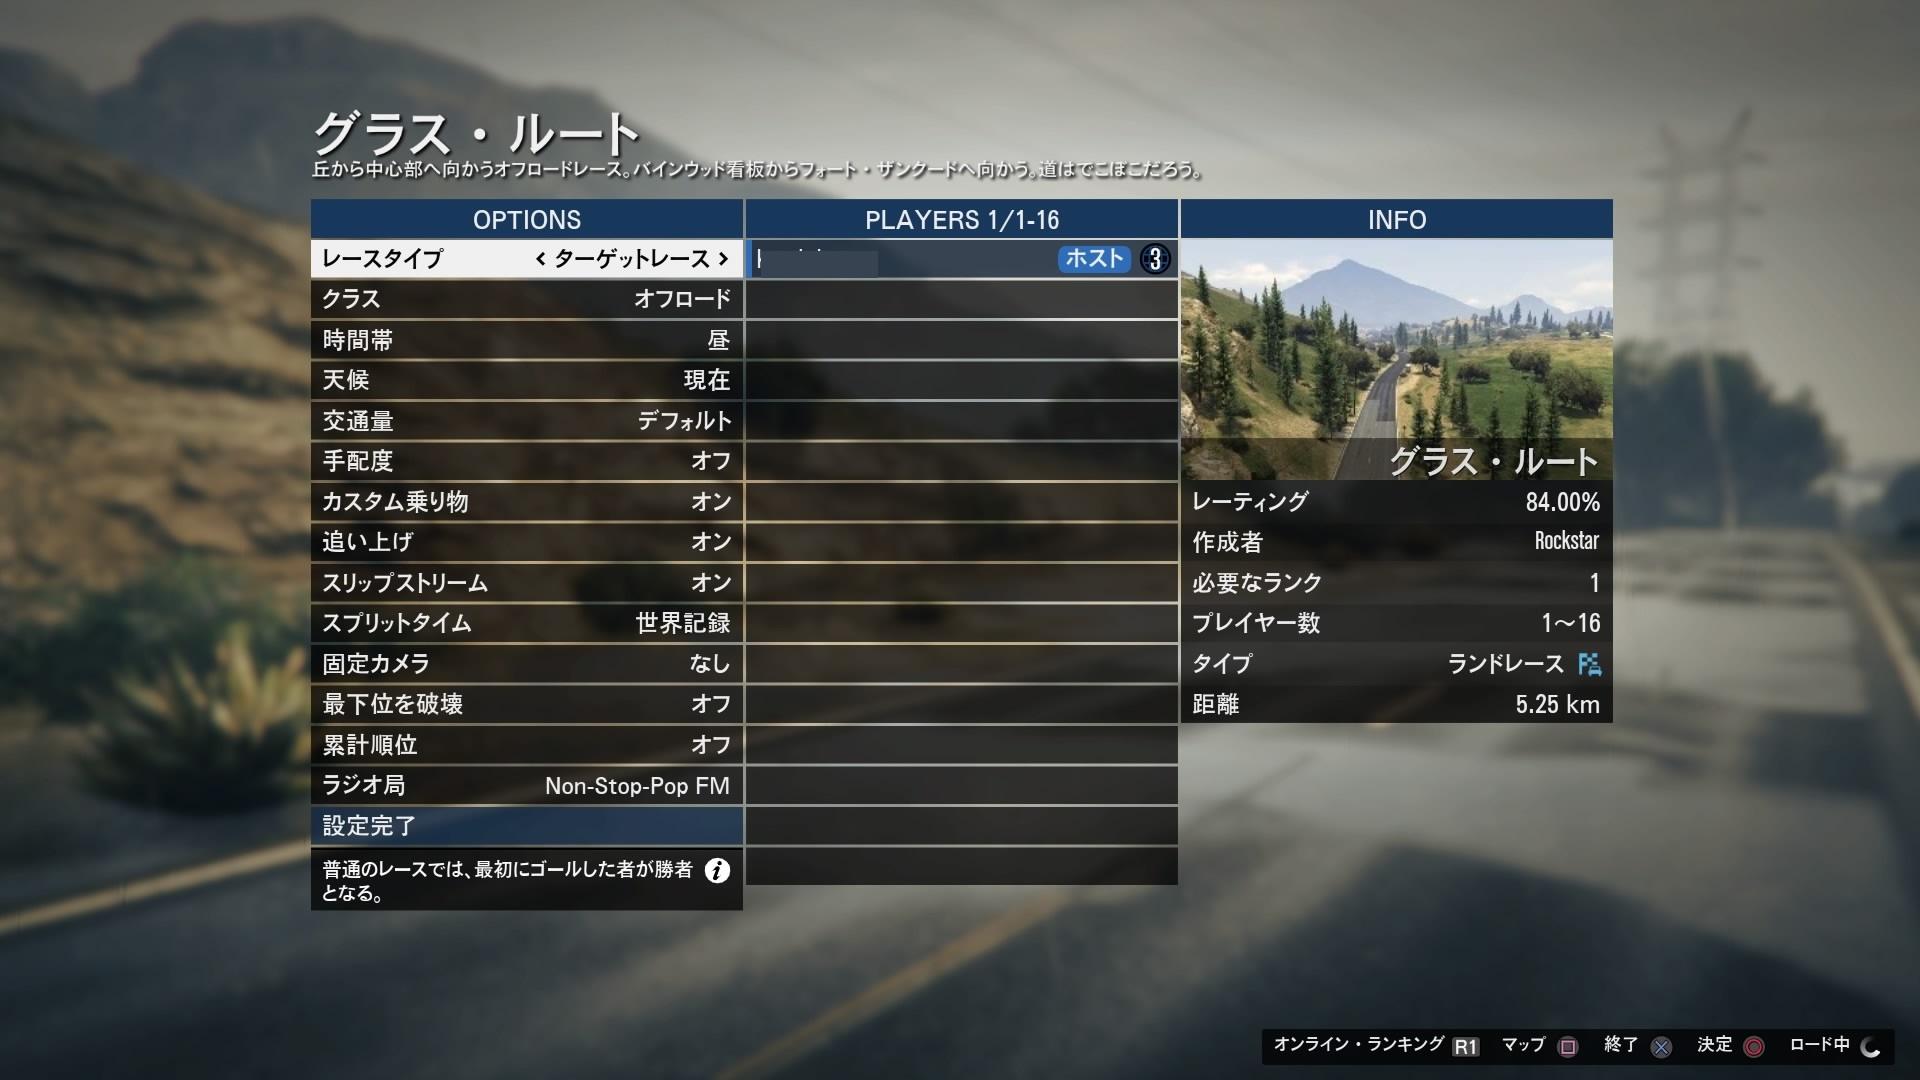 始め 方 オンライン gta5